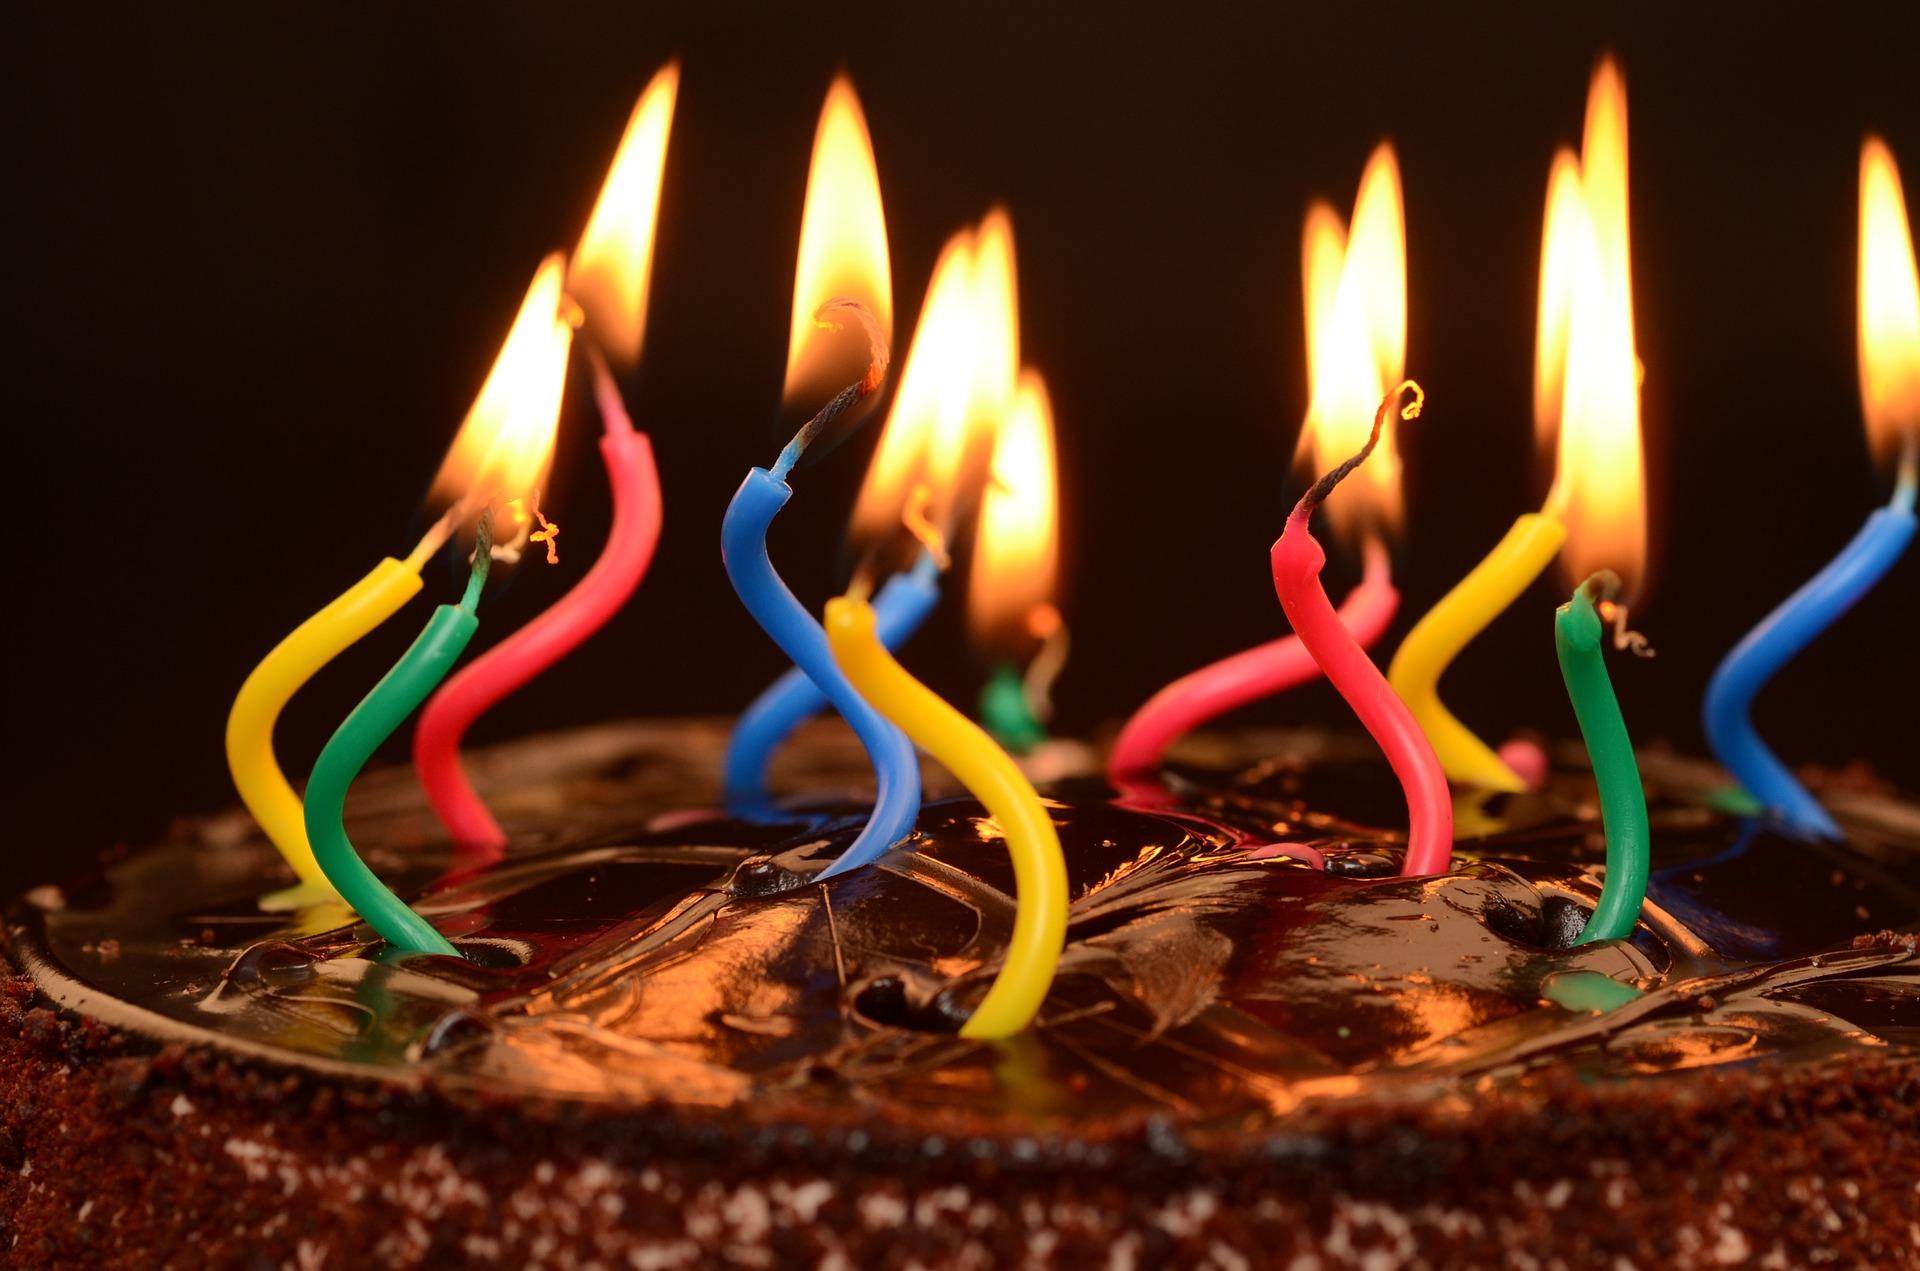 Super niespodzianka w dniu urodzin!